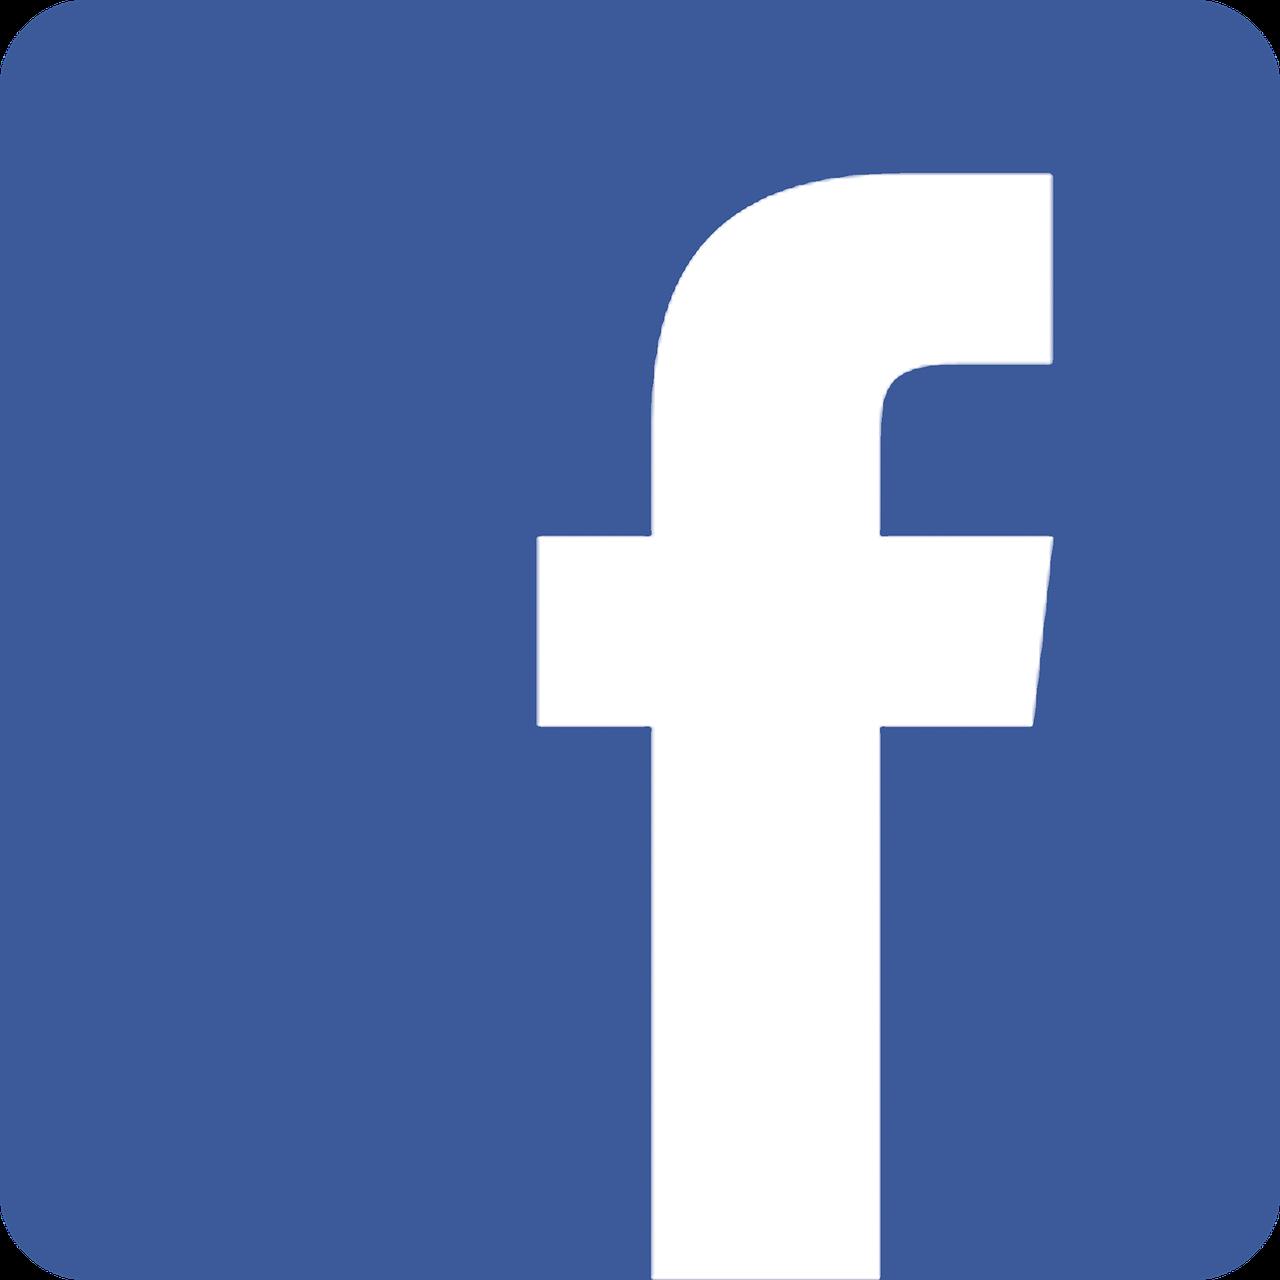 facebook, logo, social network